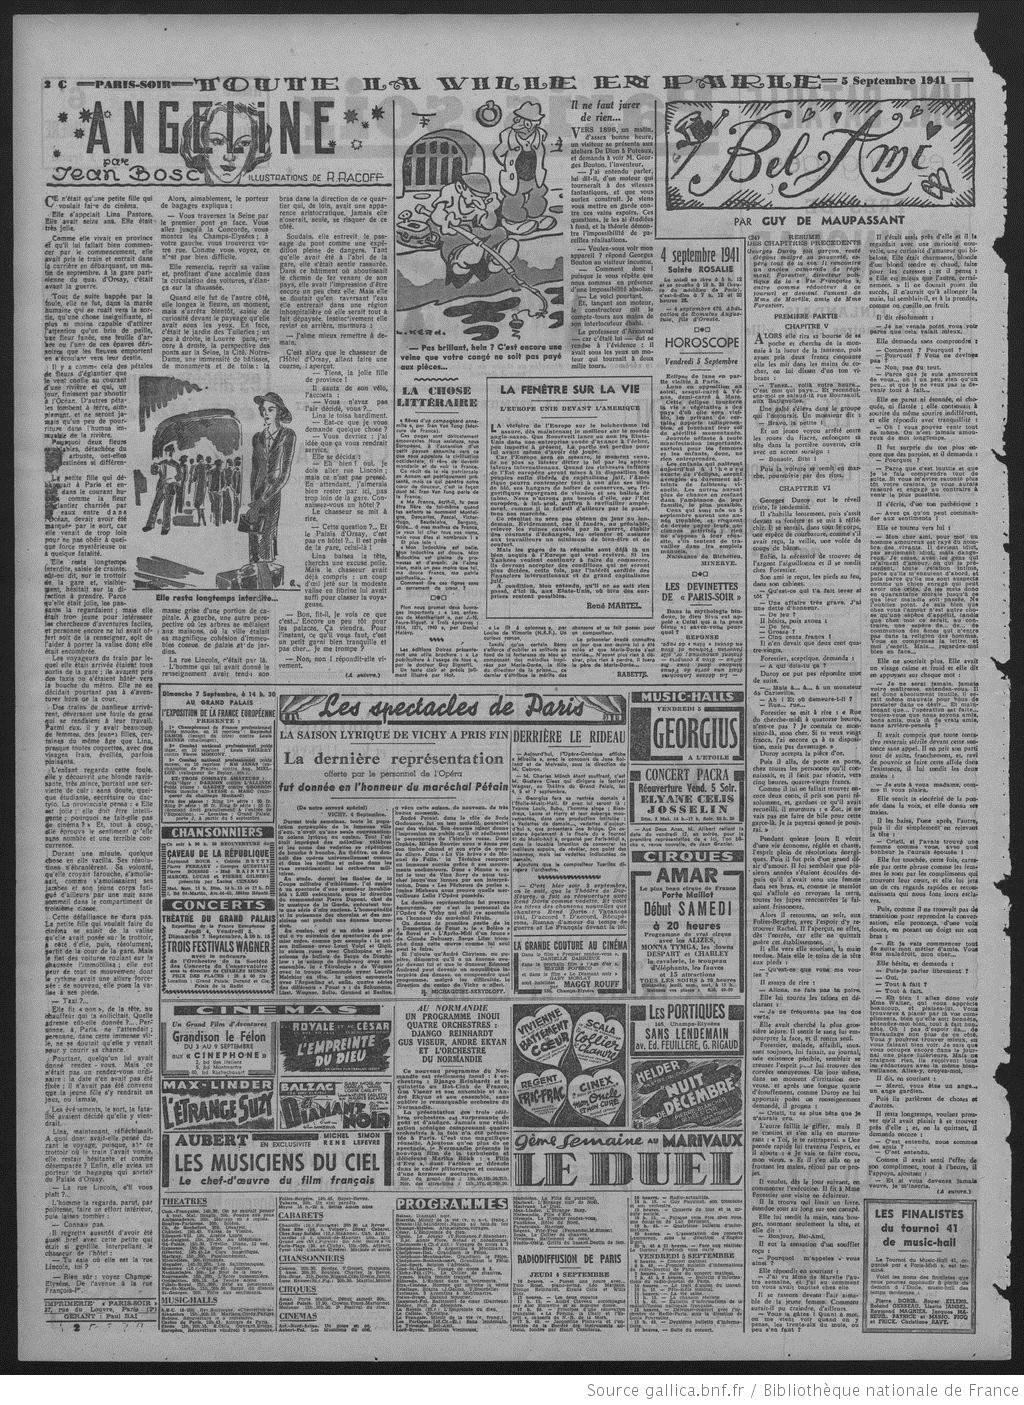 TranVanTung_page Paris-soir 1941